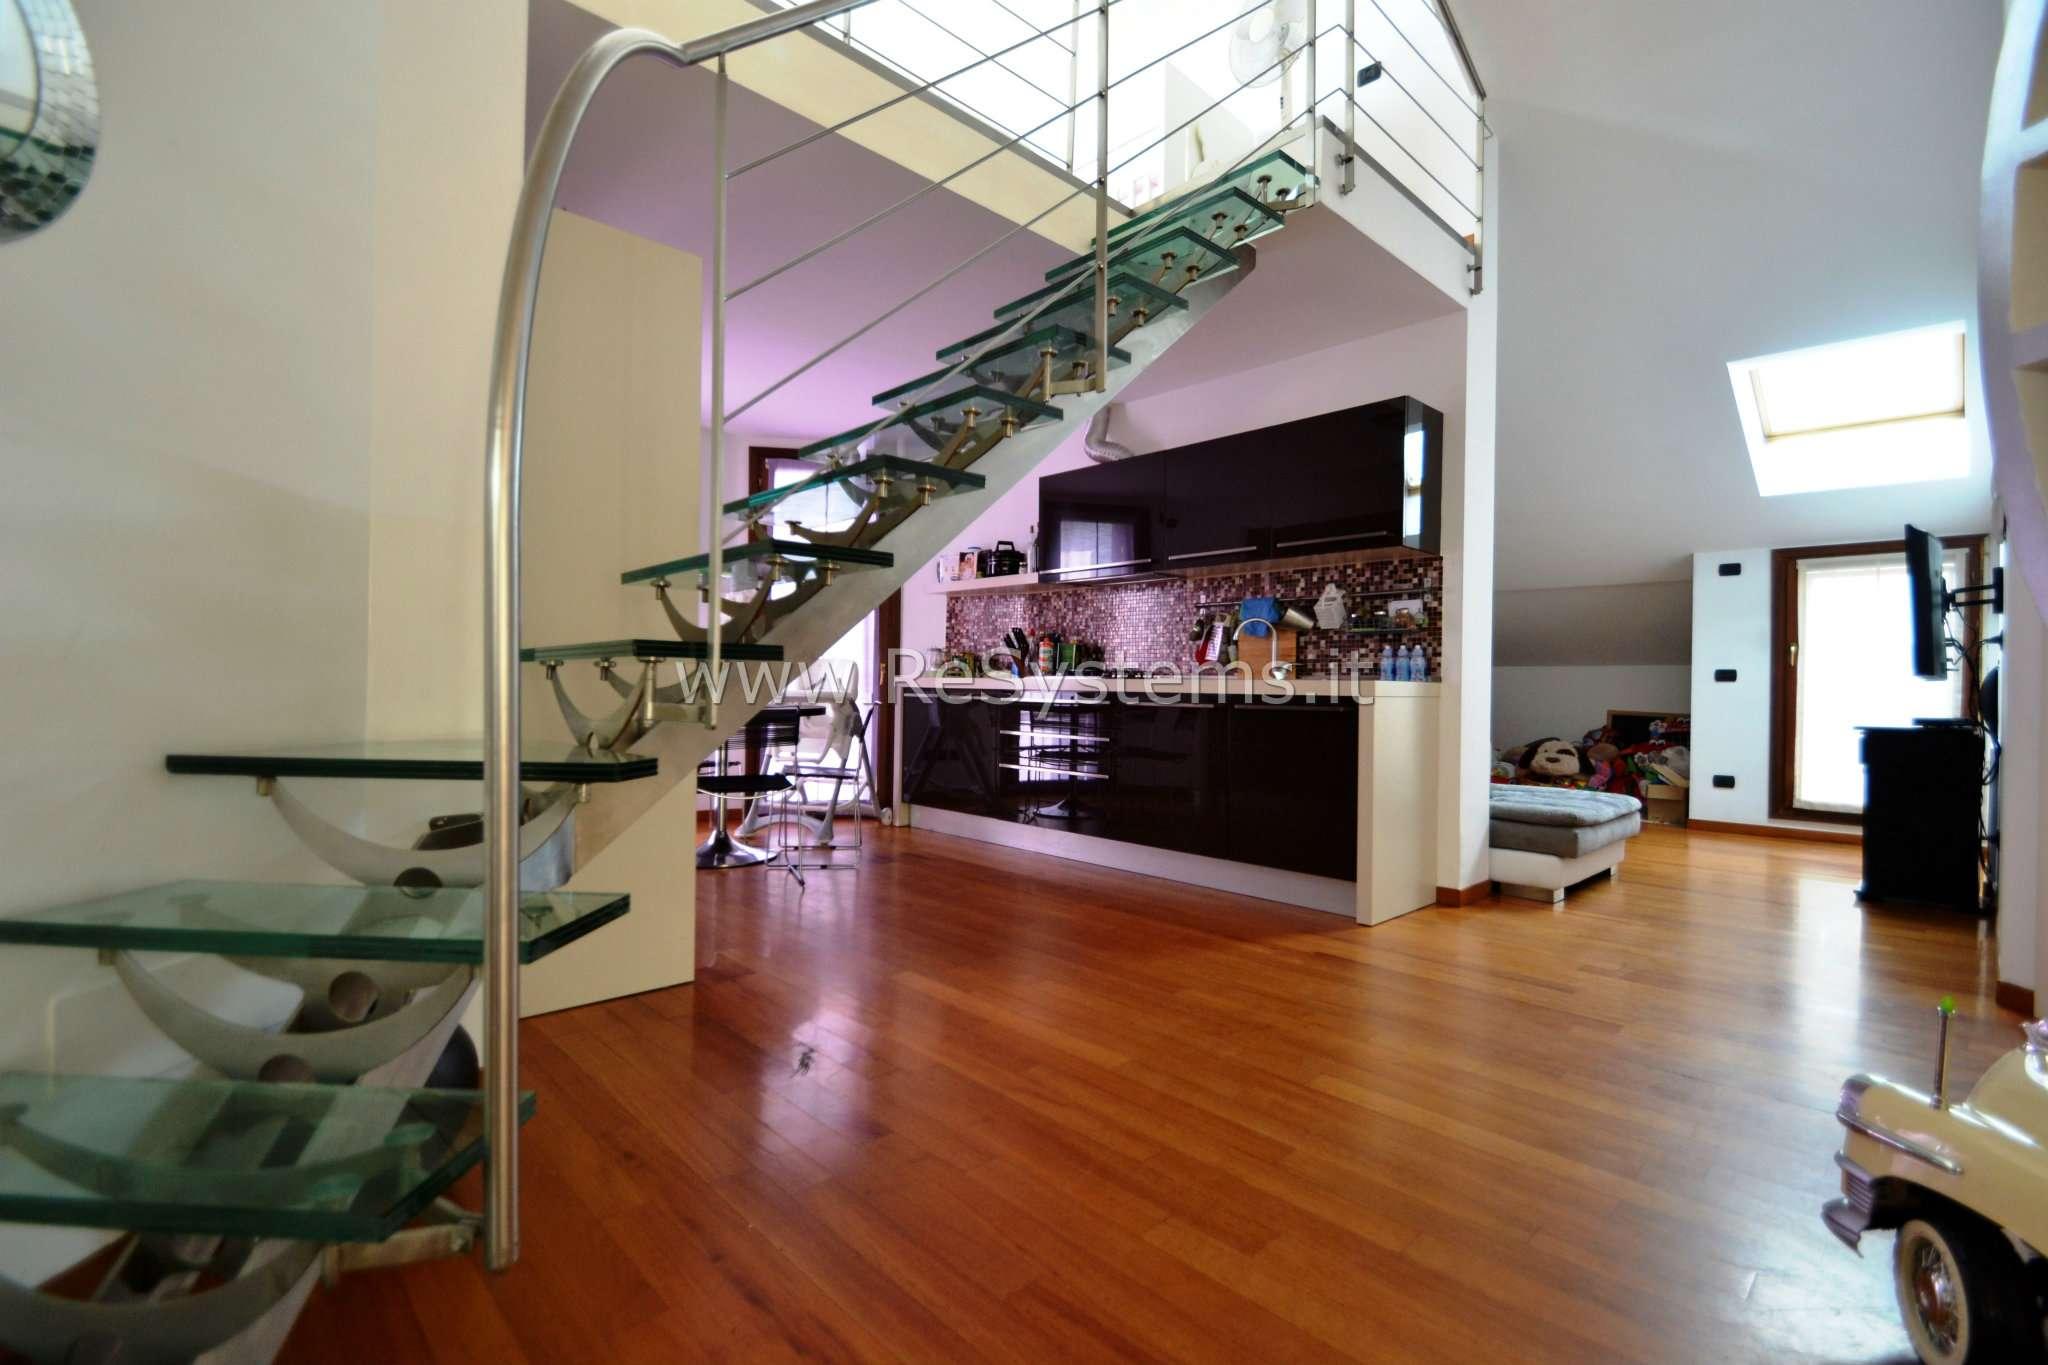 Attico / Mansarda in vendita a Senago, 3 locali, prezzo € 310.000 | CambioCasa.it